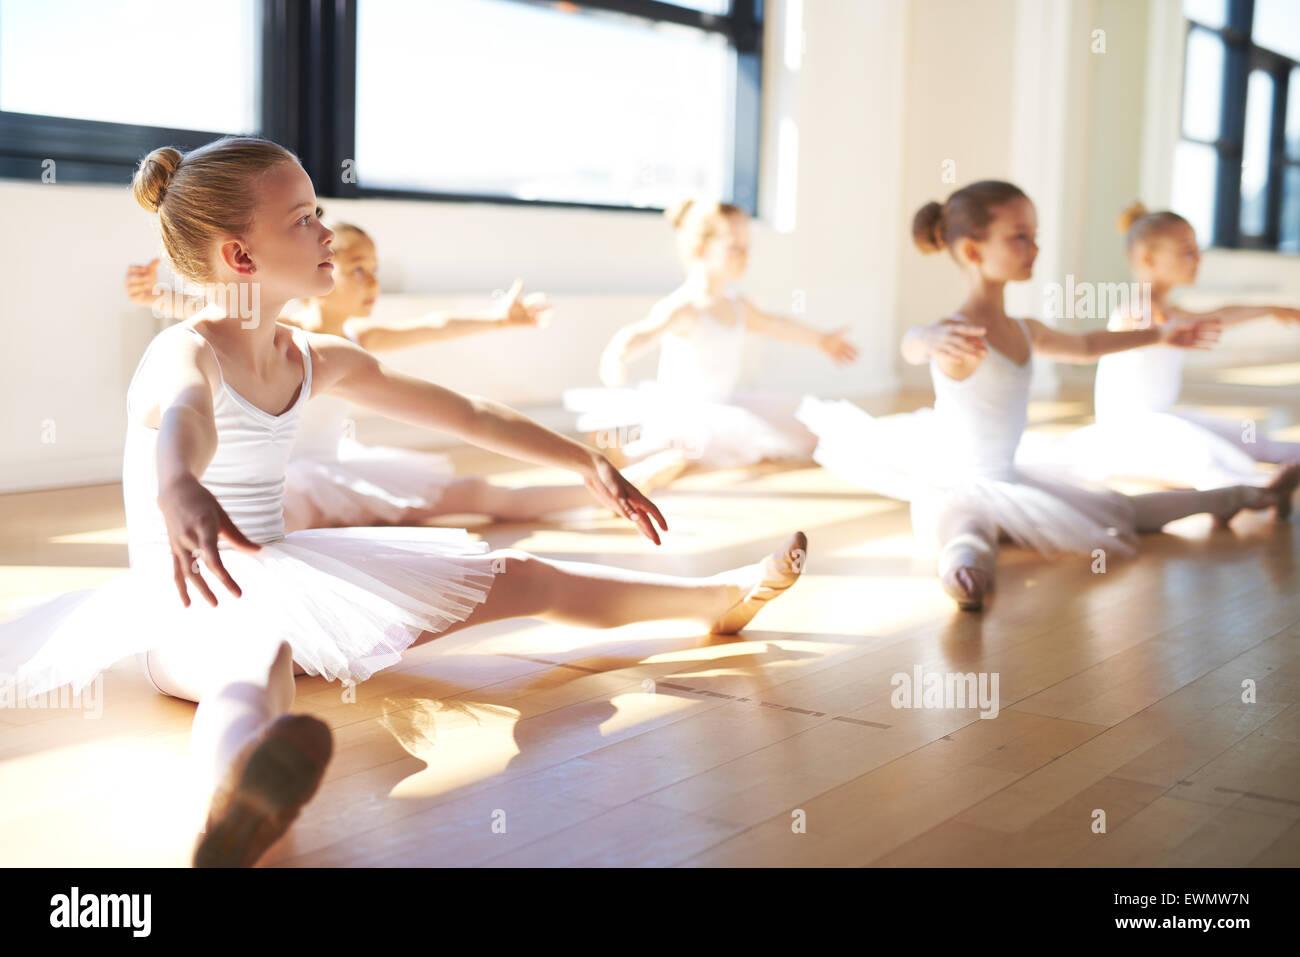 Ragazze giovani, indossando Tutus bianco, seduto sul pavimento dello studio pur avendo una formazione per il balletto Immagini Stock